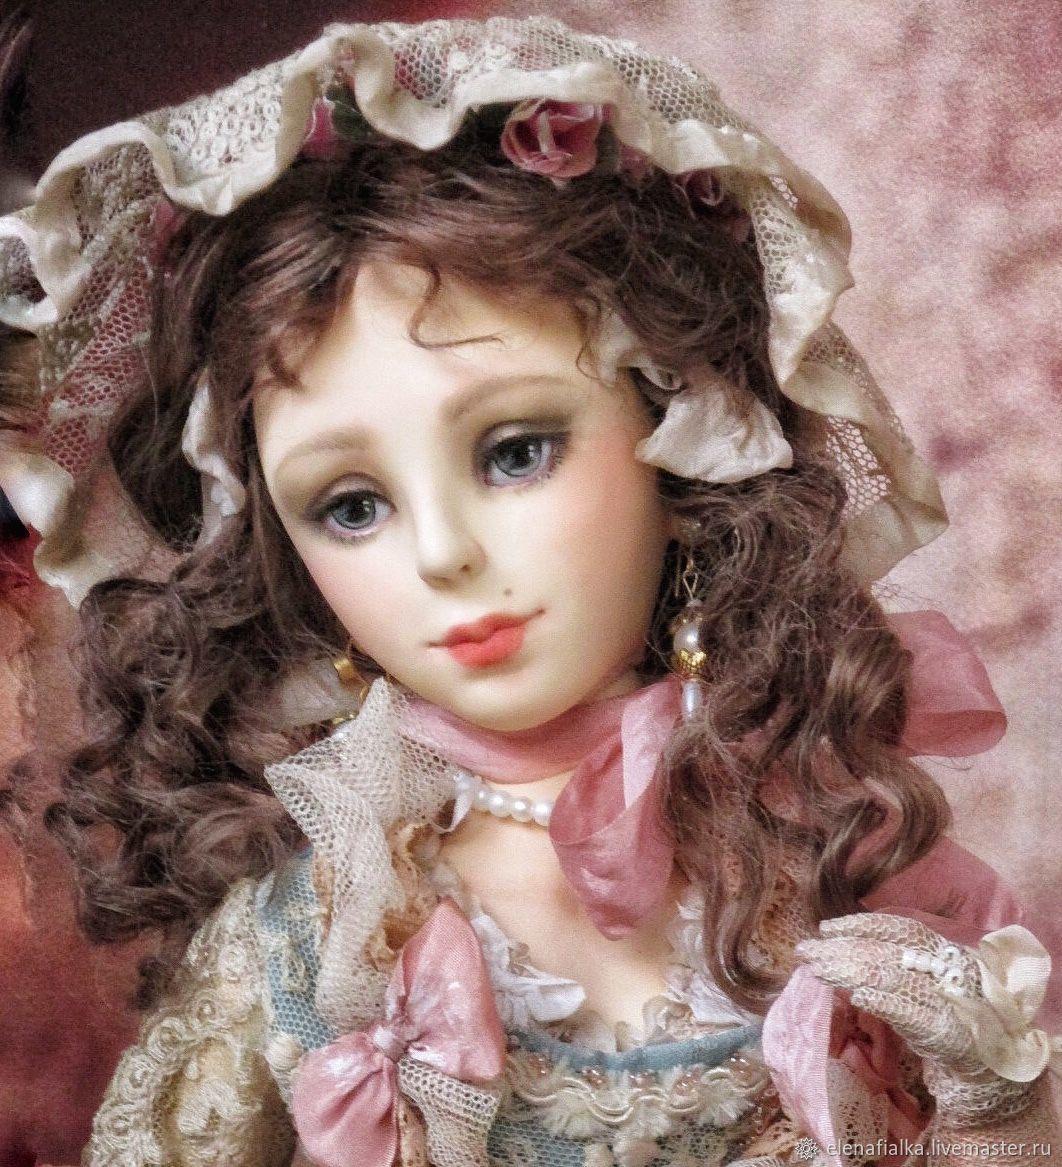 Авторская  кукла Дашенька, Куклы и пупсы, Харьков,  Фото №1